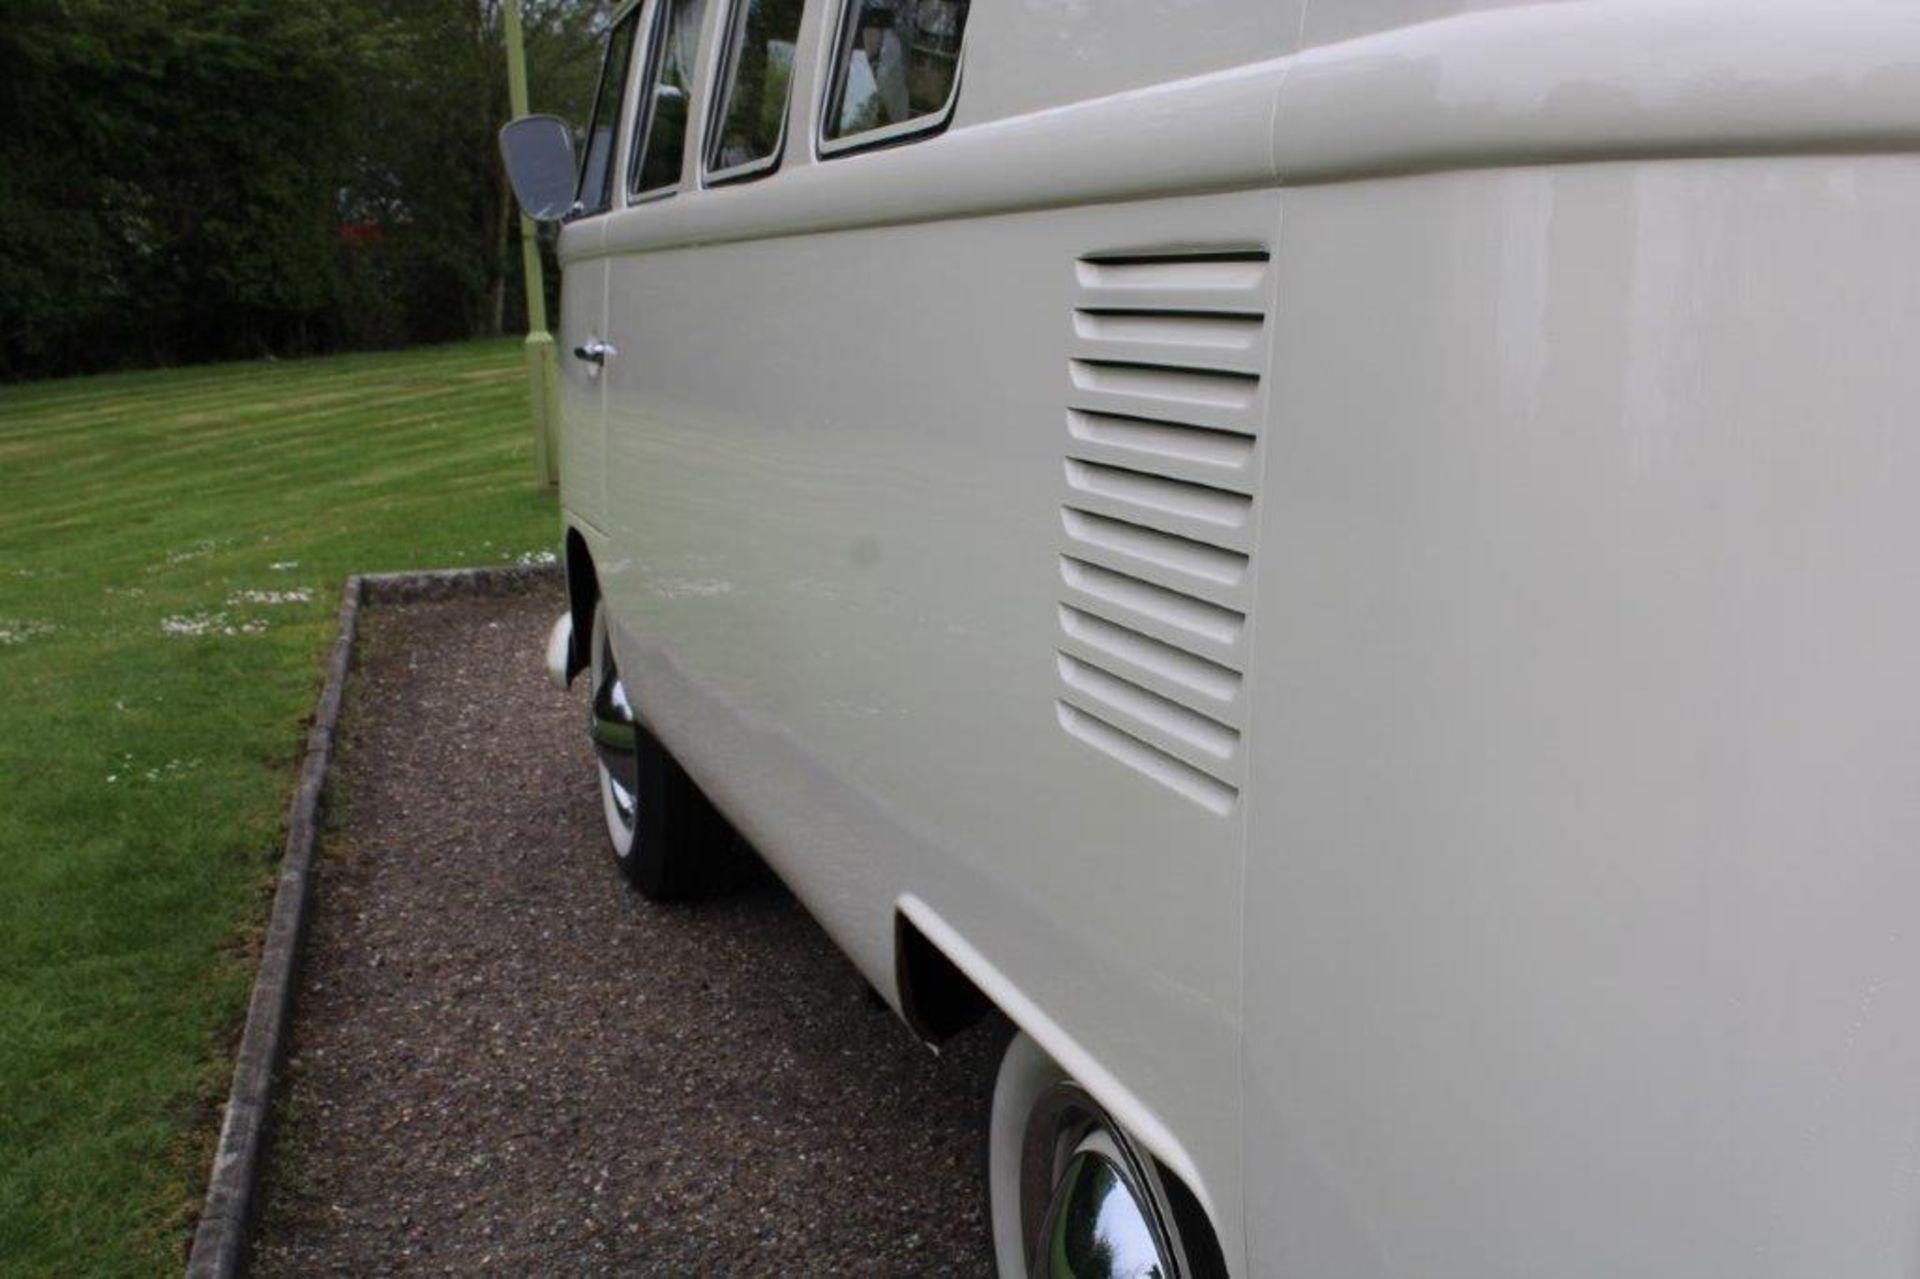 1966 Volkswagen Split Screen Camper LHD - Image 11 of 28